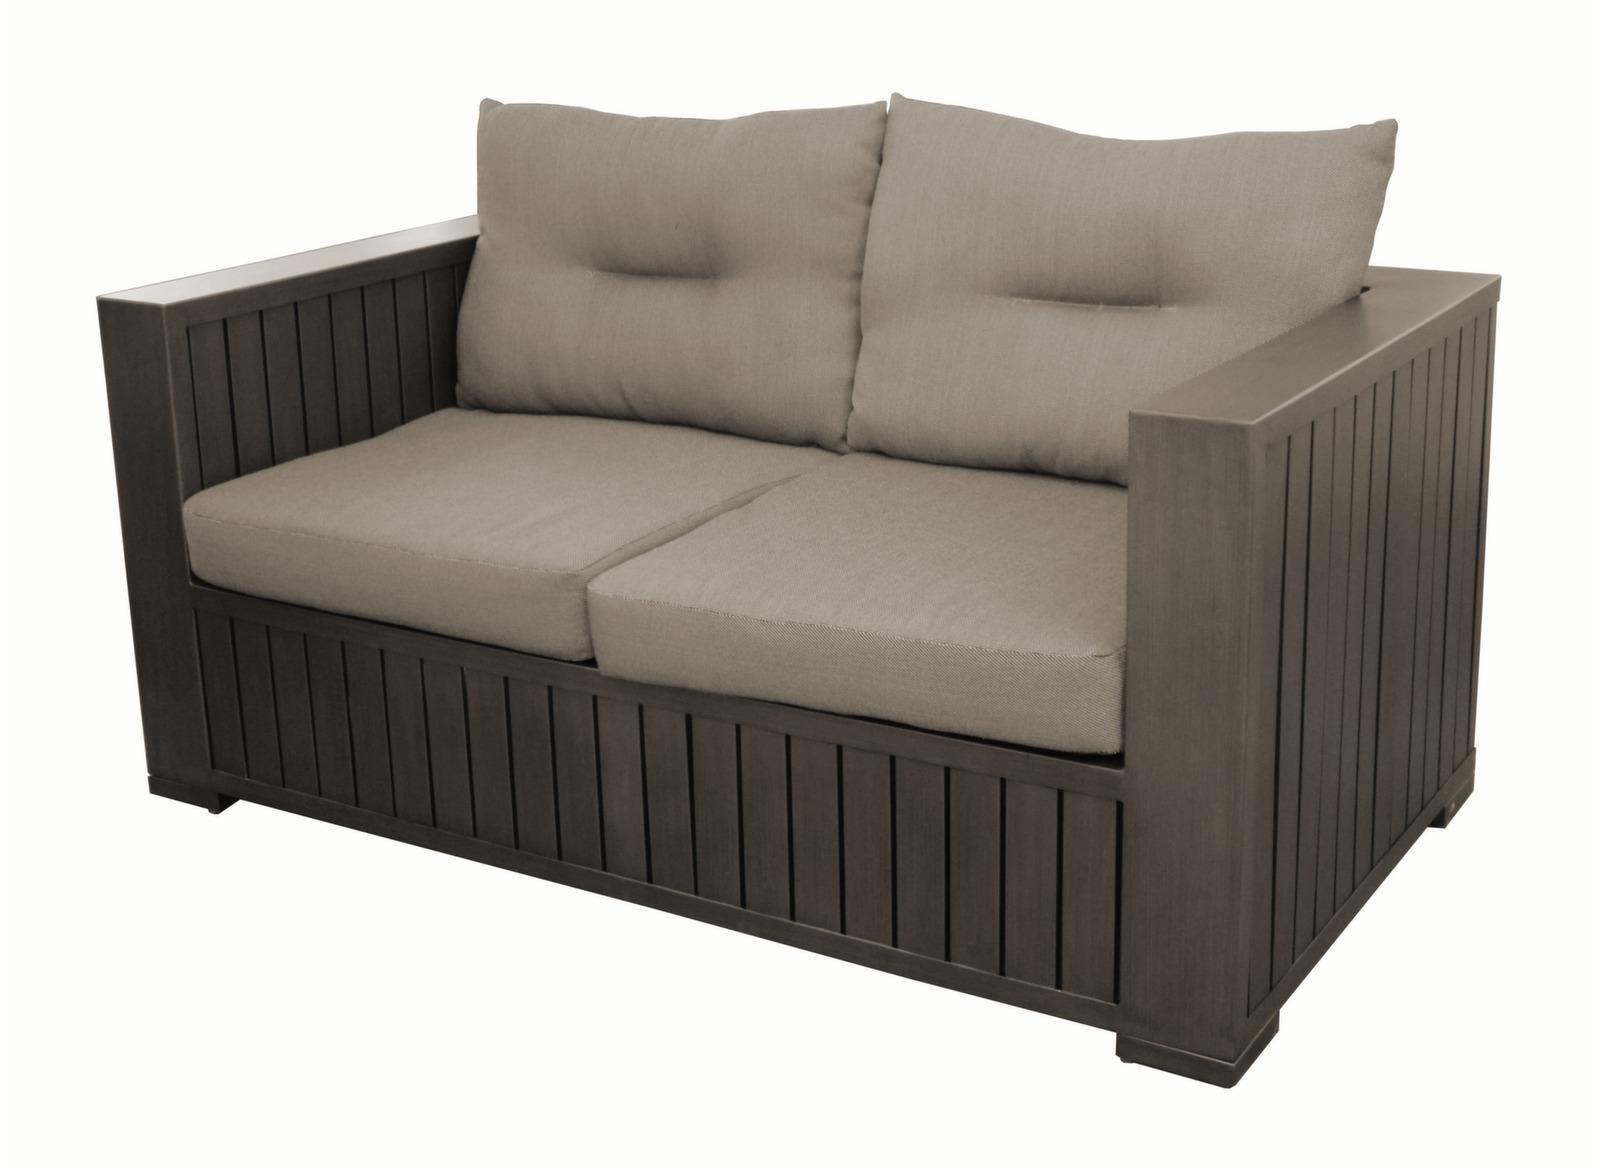 Canap 2 3 places latino soldes mobilier de jardin oc o for Mobilier de jardin soldes